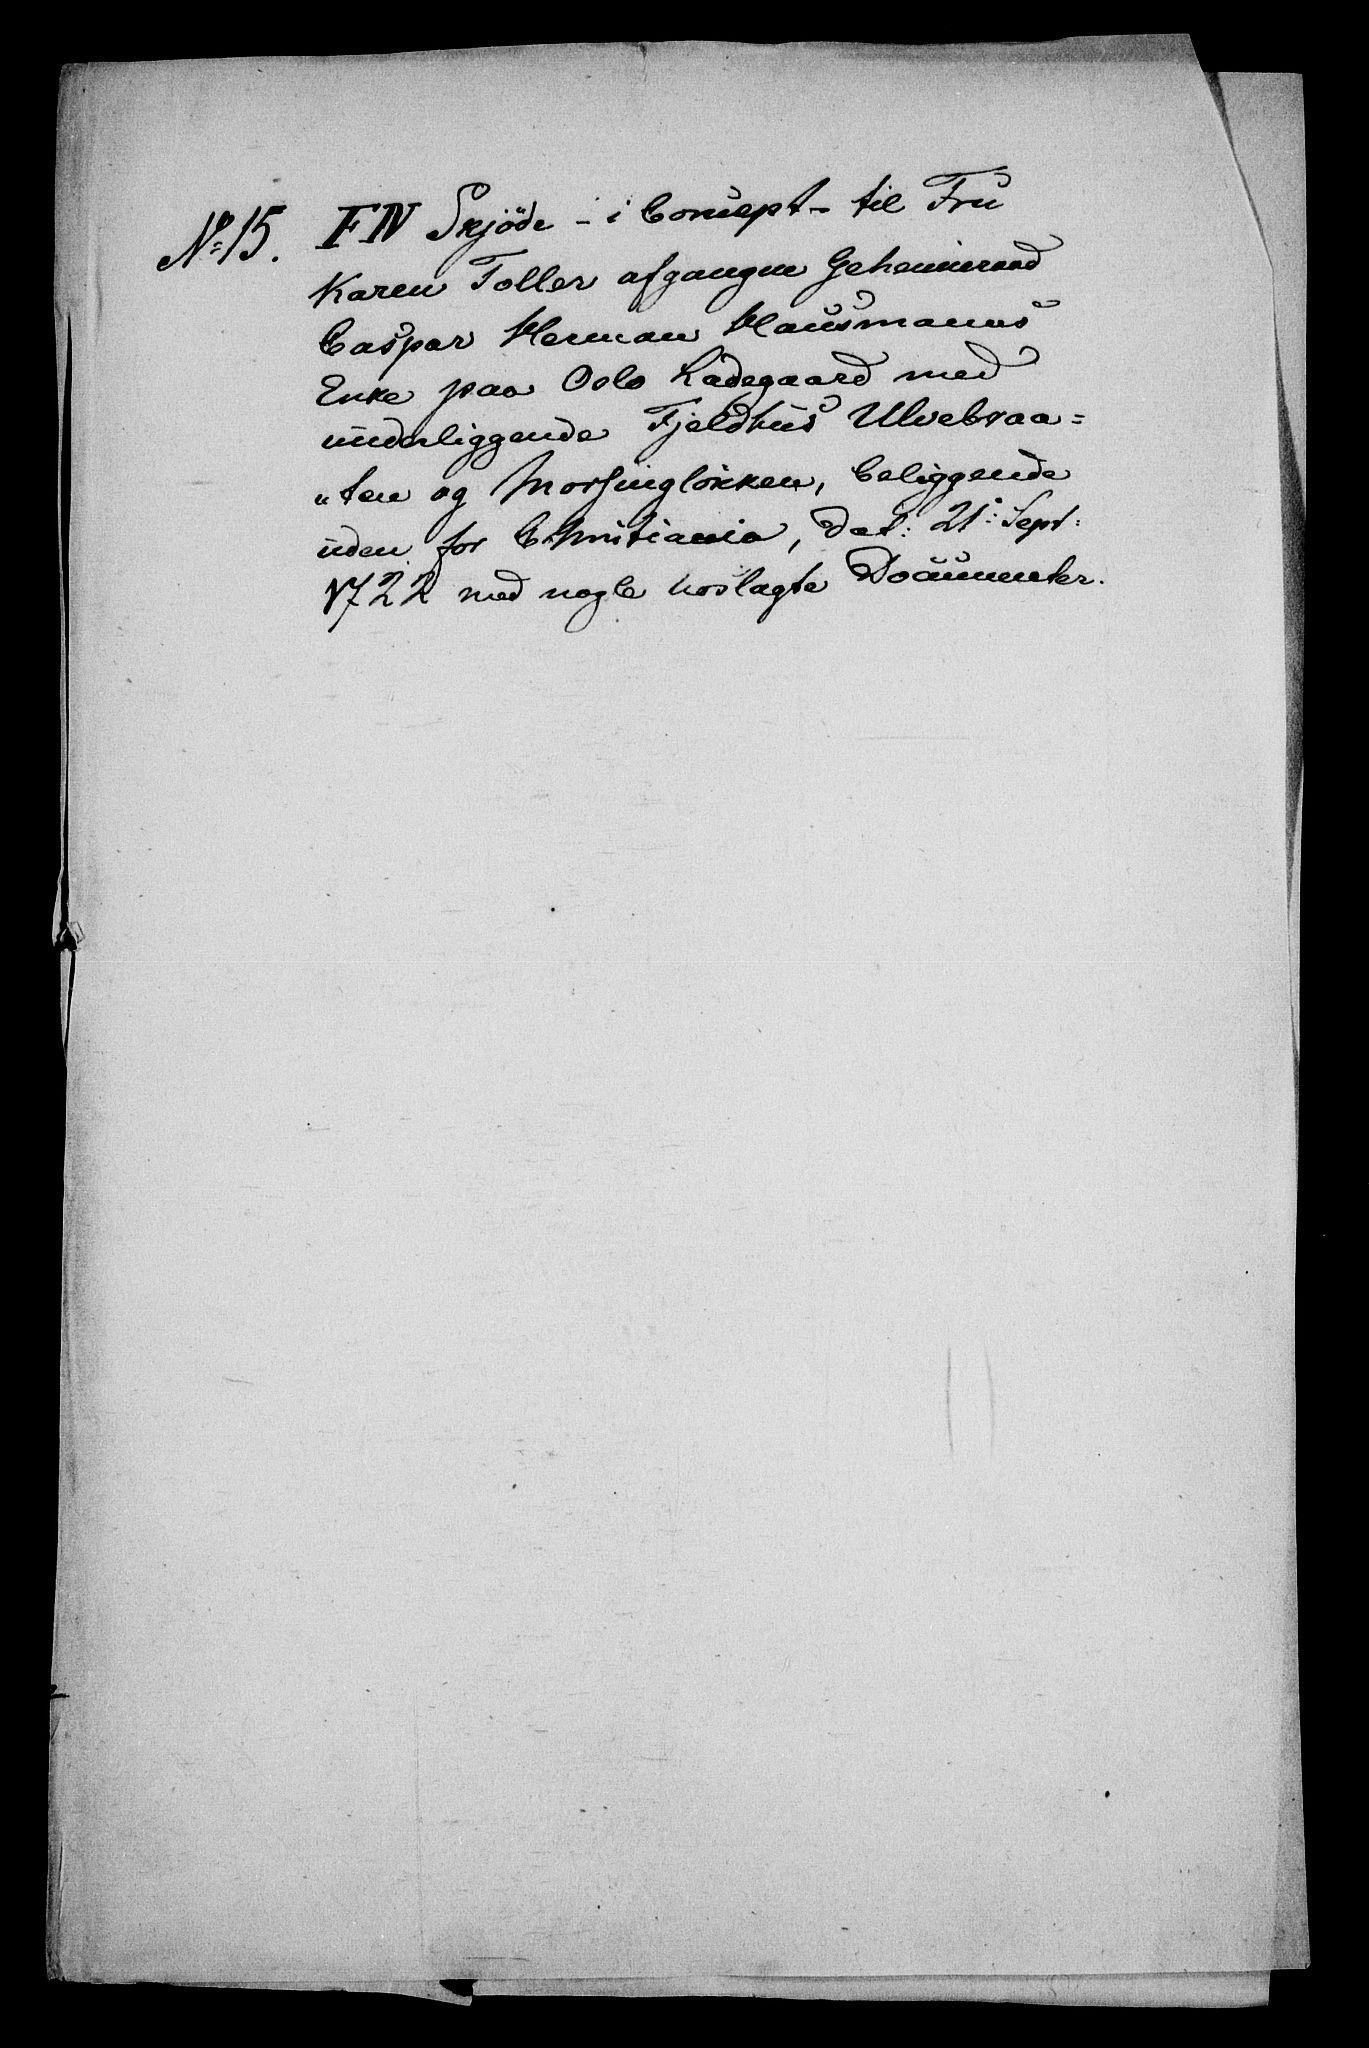 RA, Rentekammeret inntil 1814, Realistisk ordnet avdeling, On/L0013: [Jj 14]: Forskjellige dokumenter om krongodset i Norge, 1672-1722, s. 398